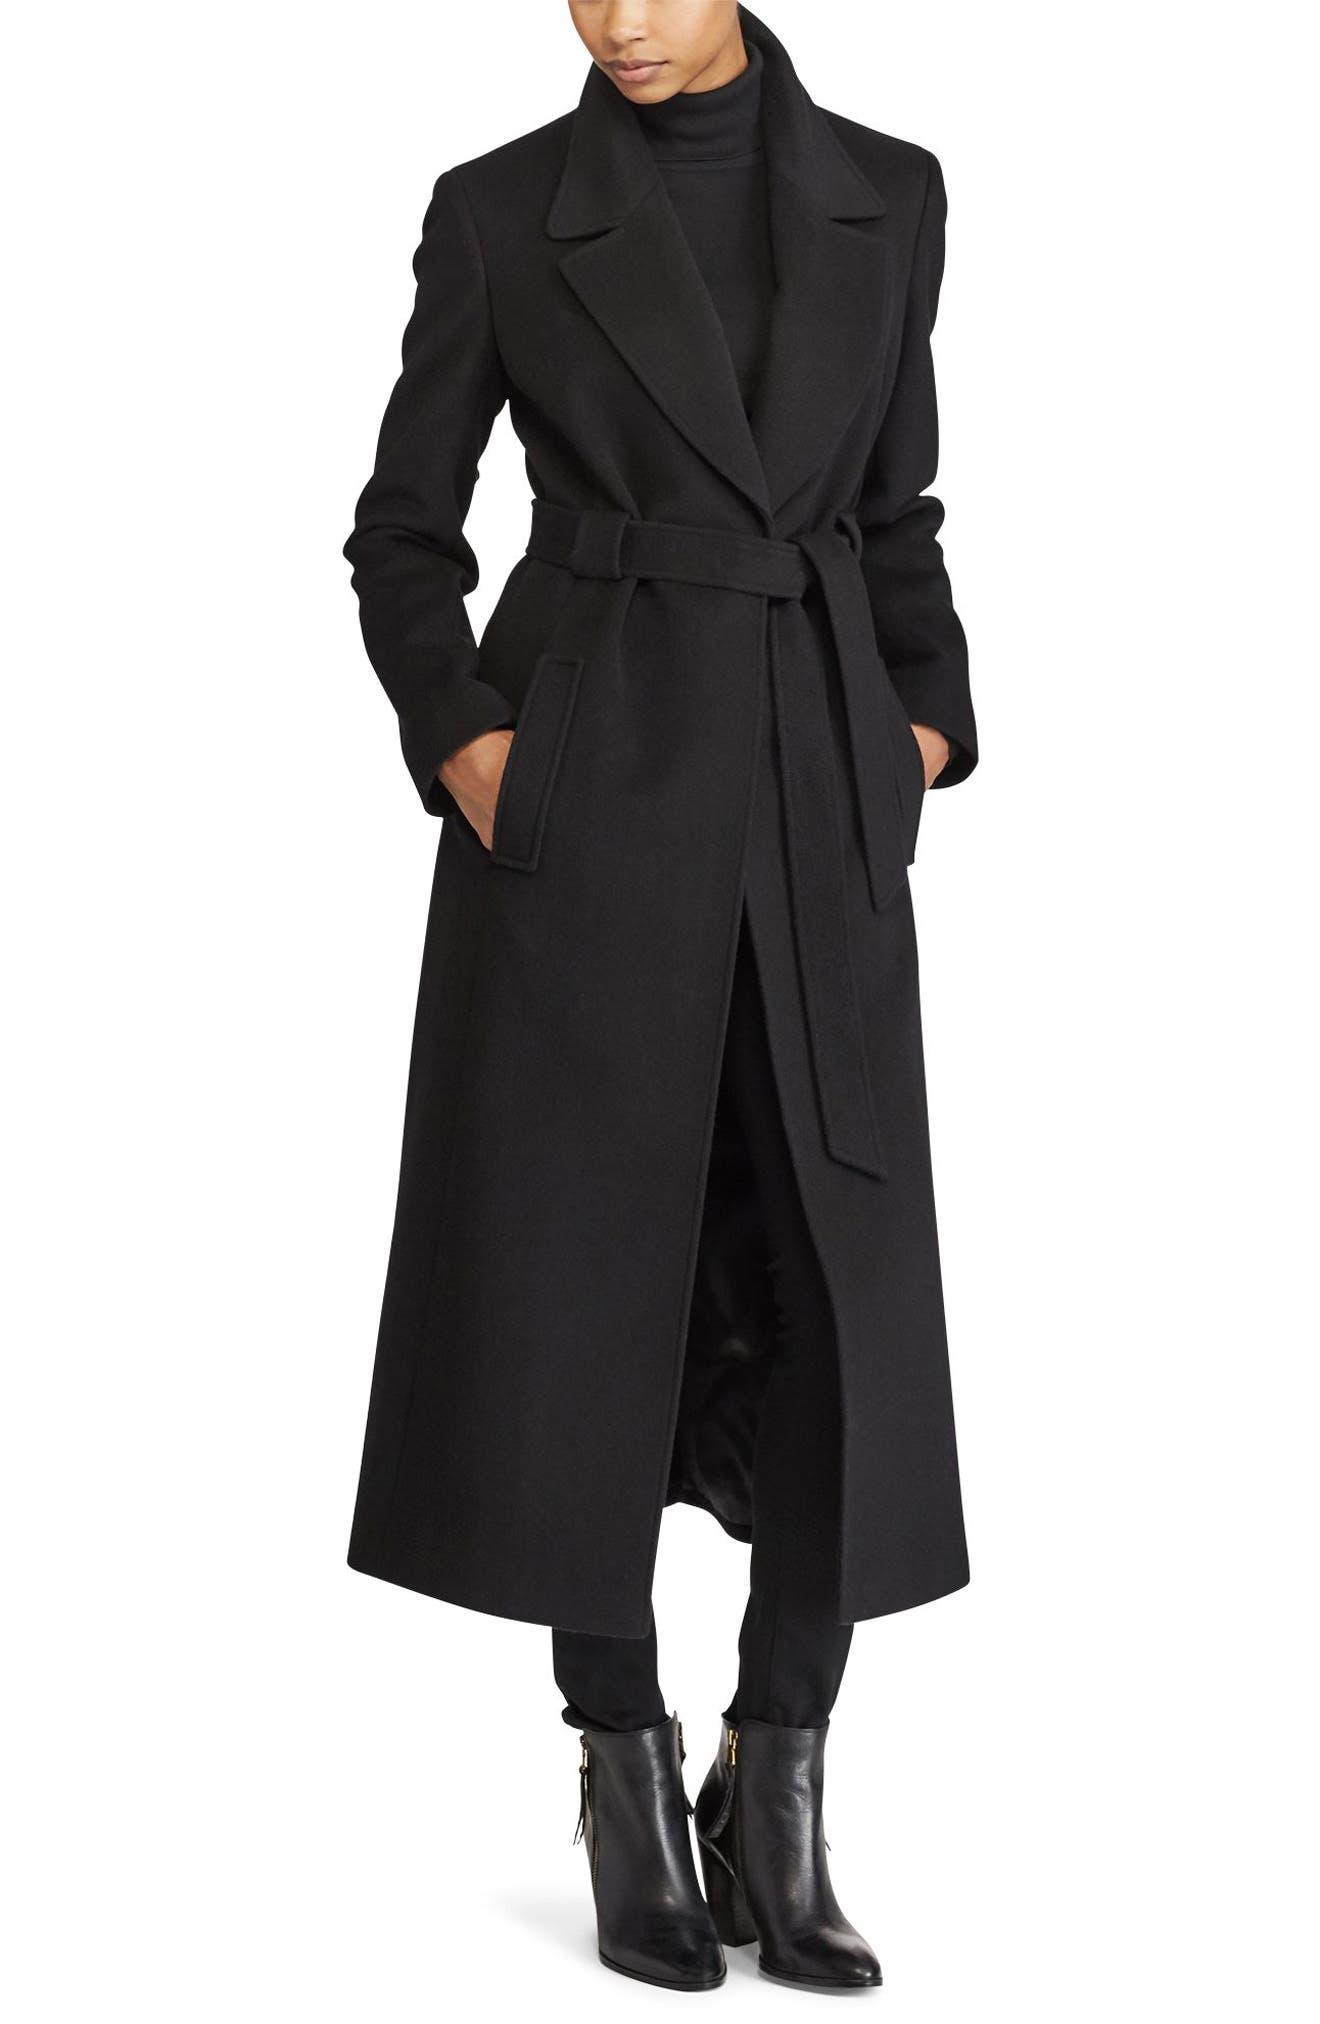 Alternate Image 1 Selected - Lauren Ralph Lauren Wrap Overcoat